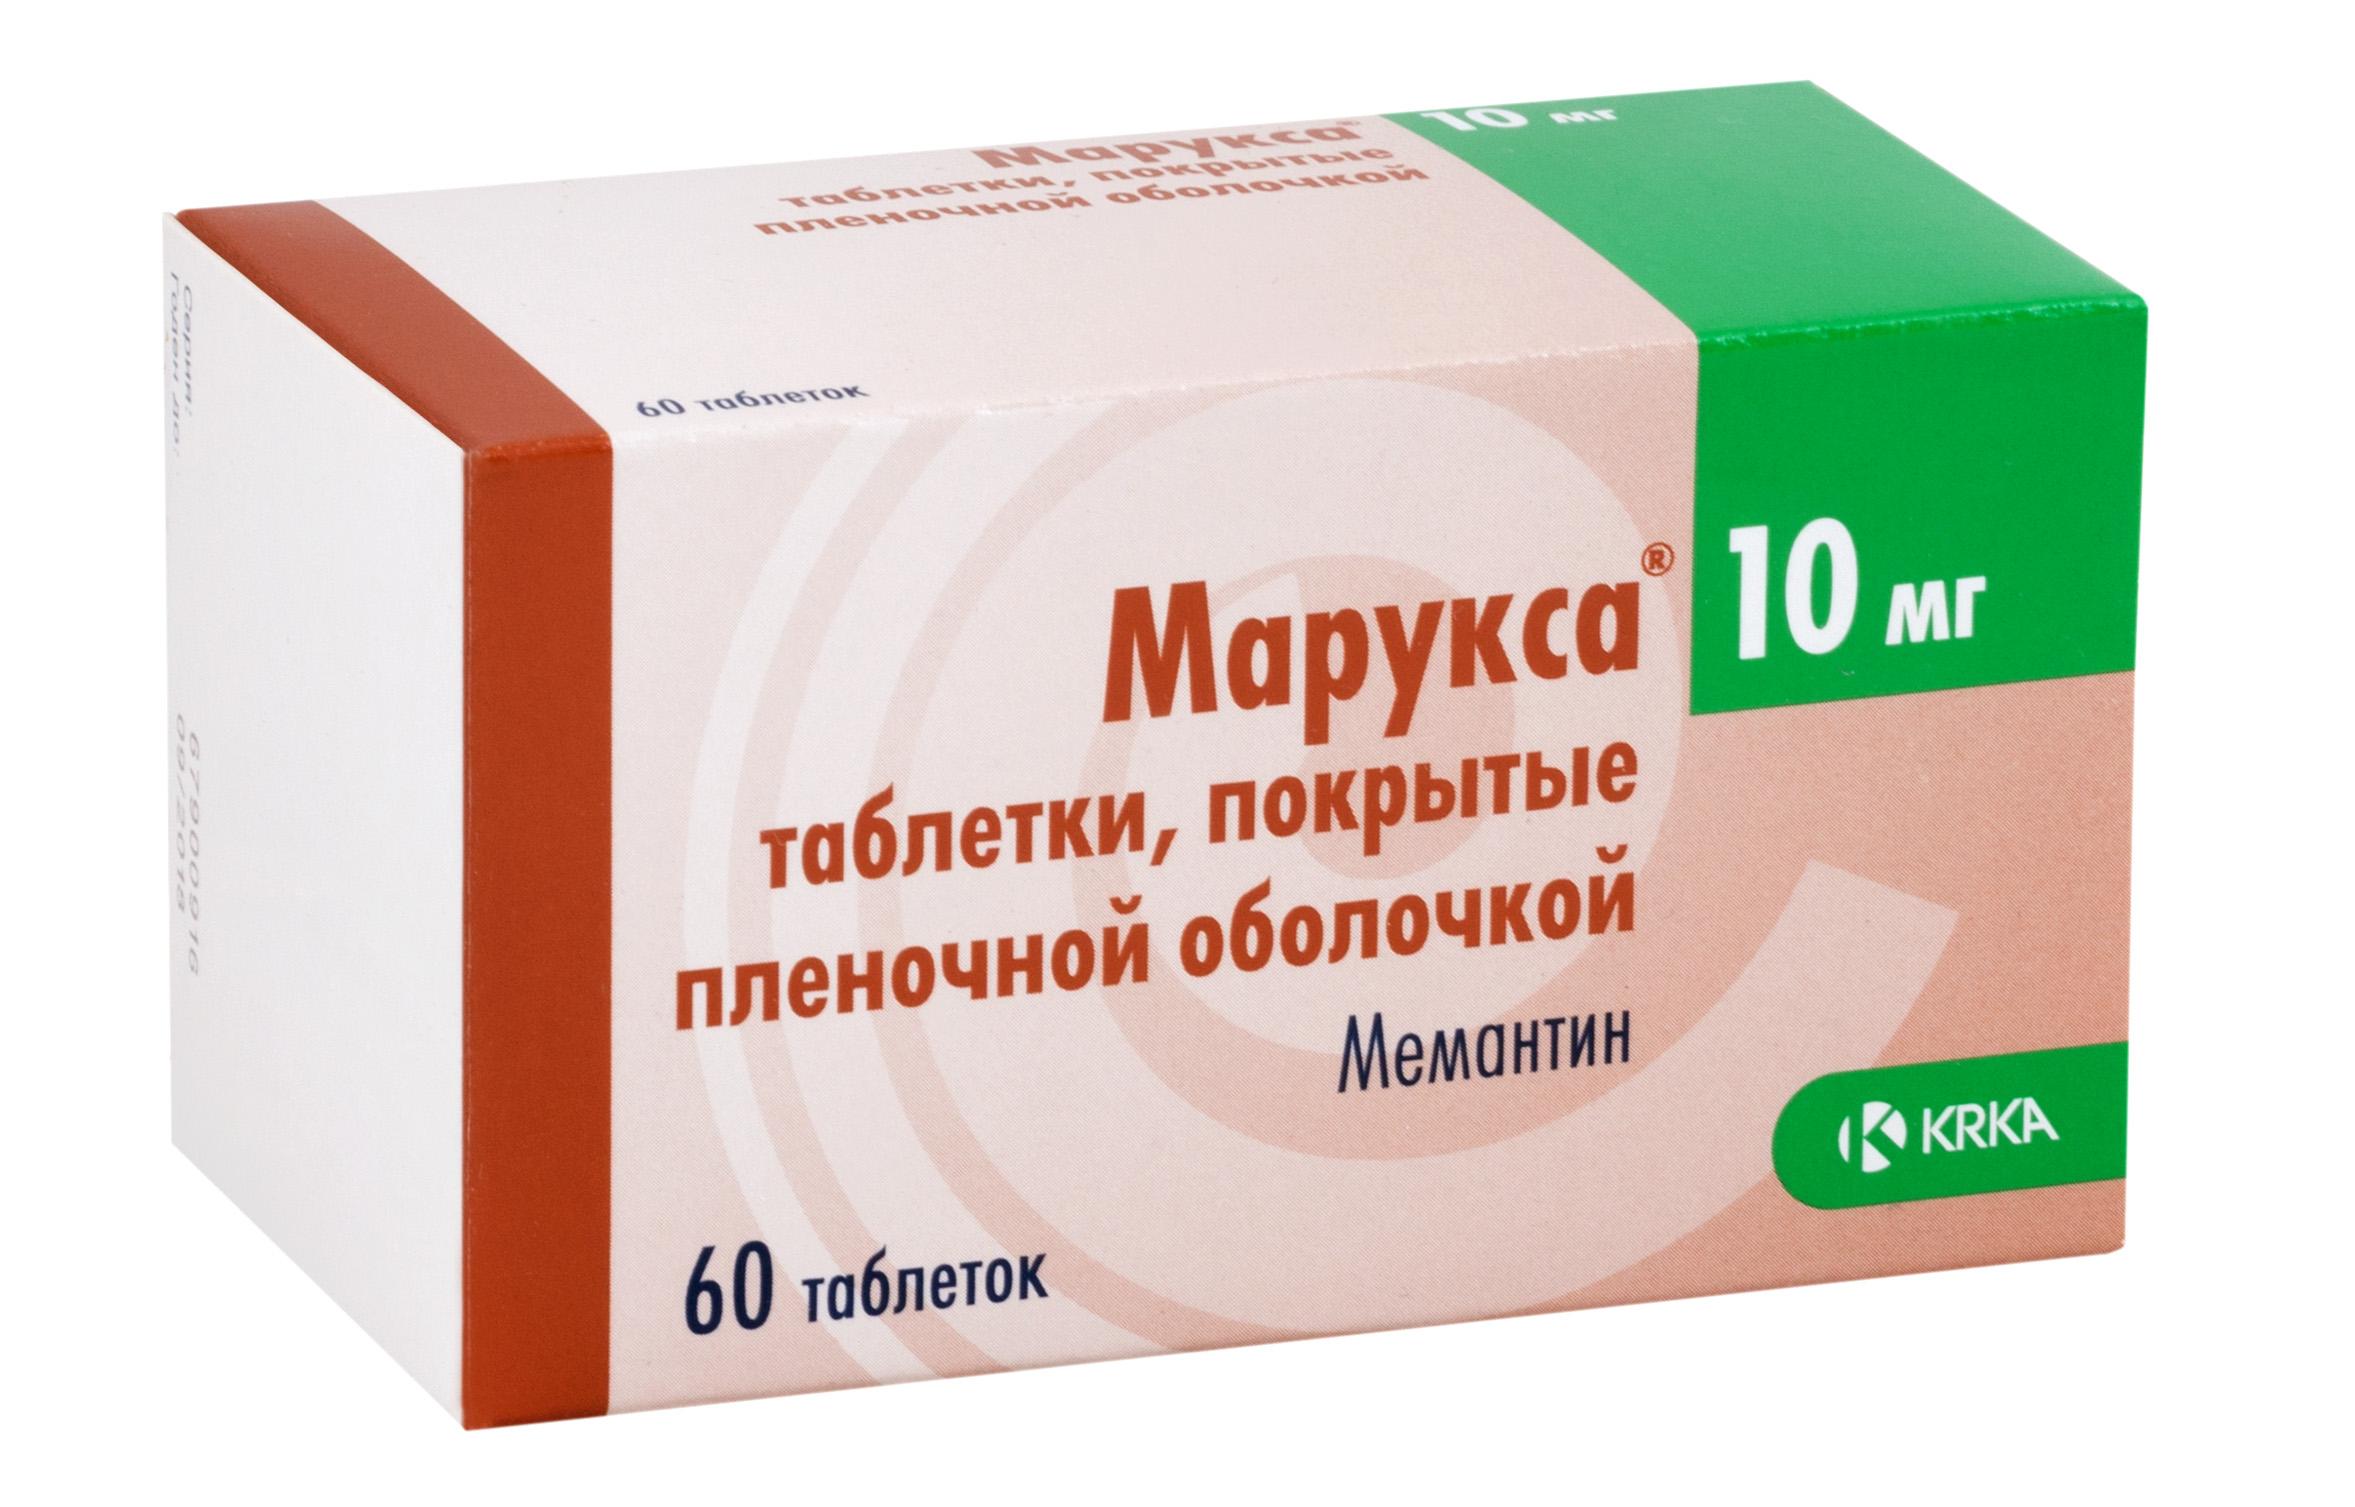 Марукса таб. п.п.о. 10мг n60